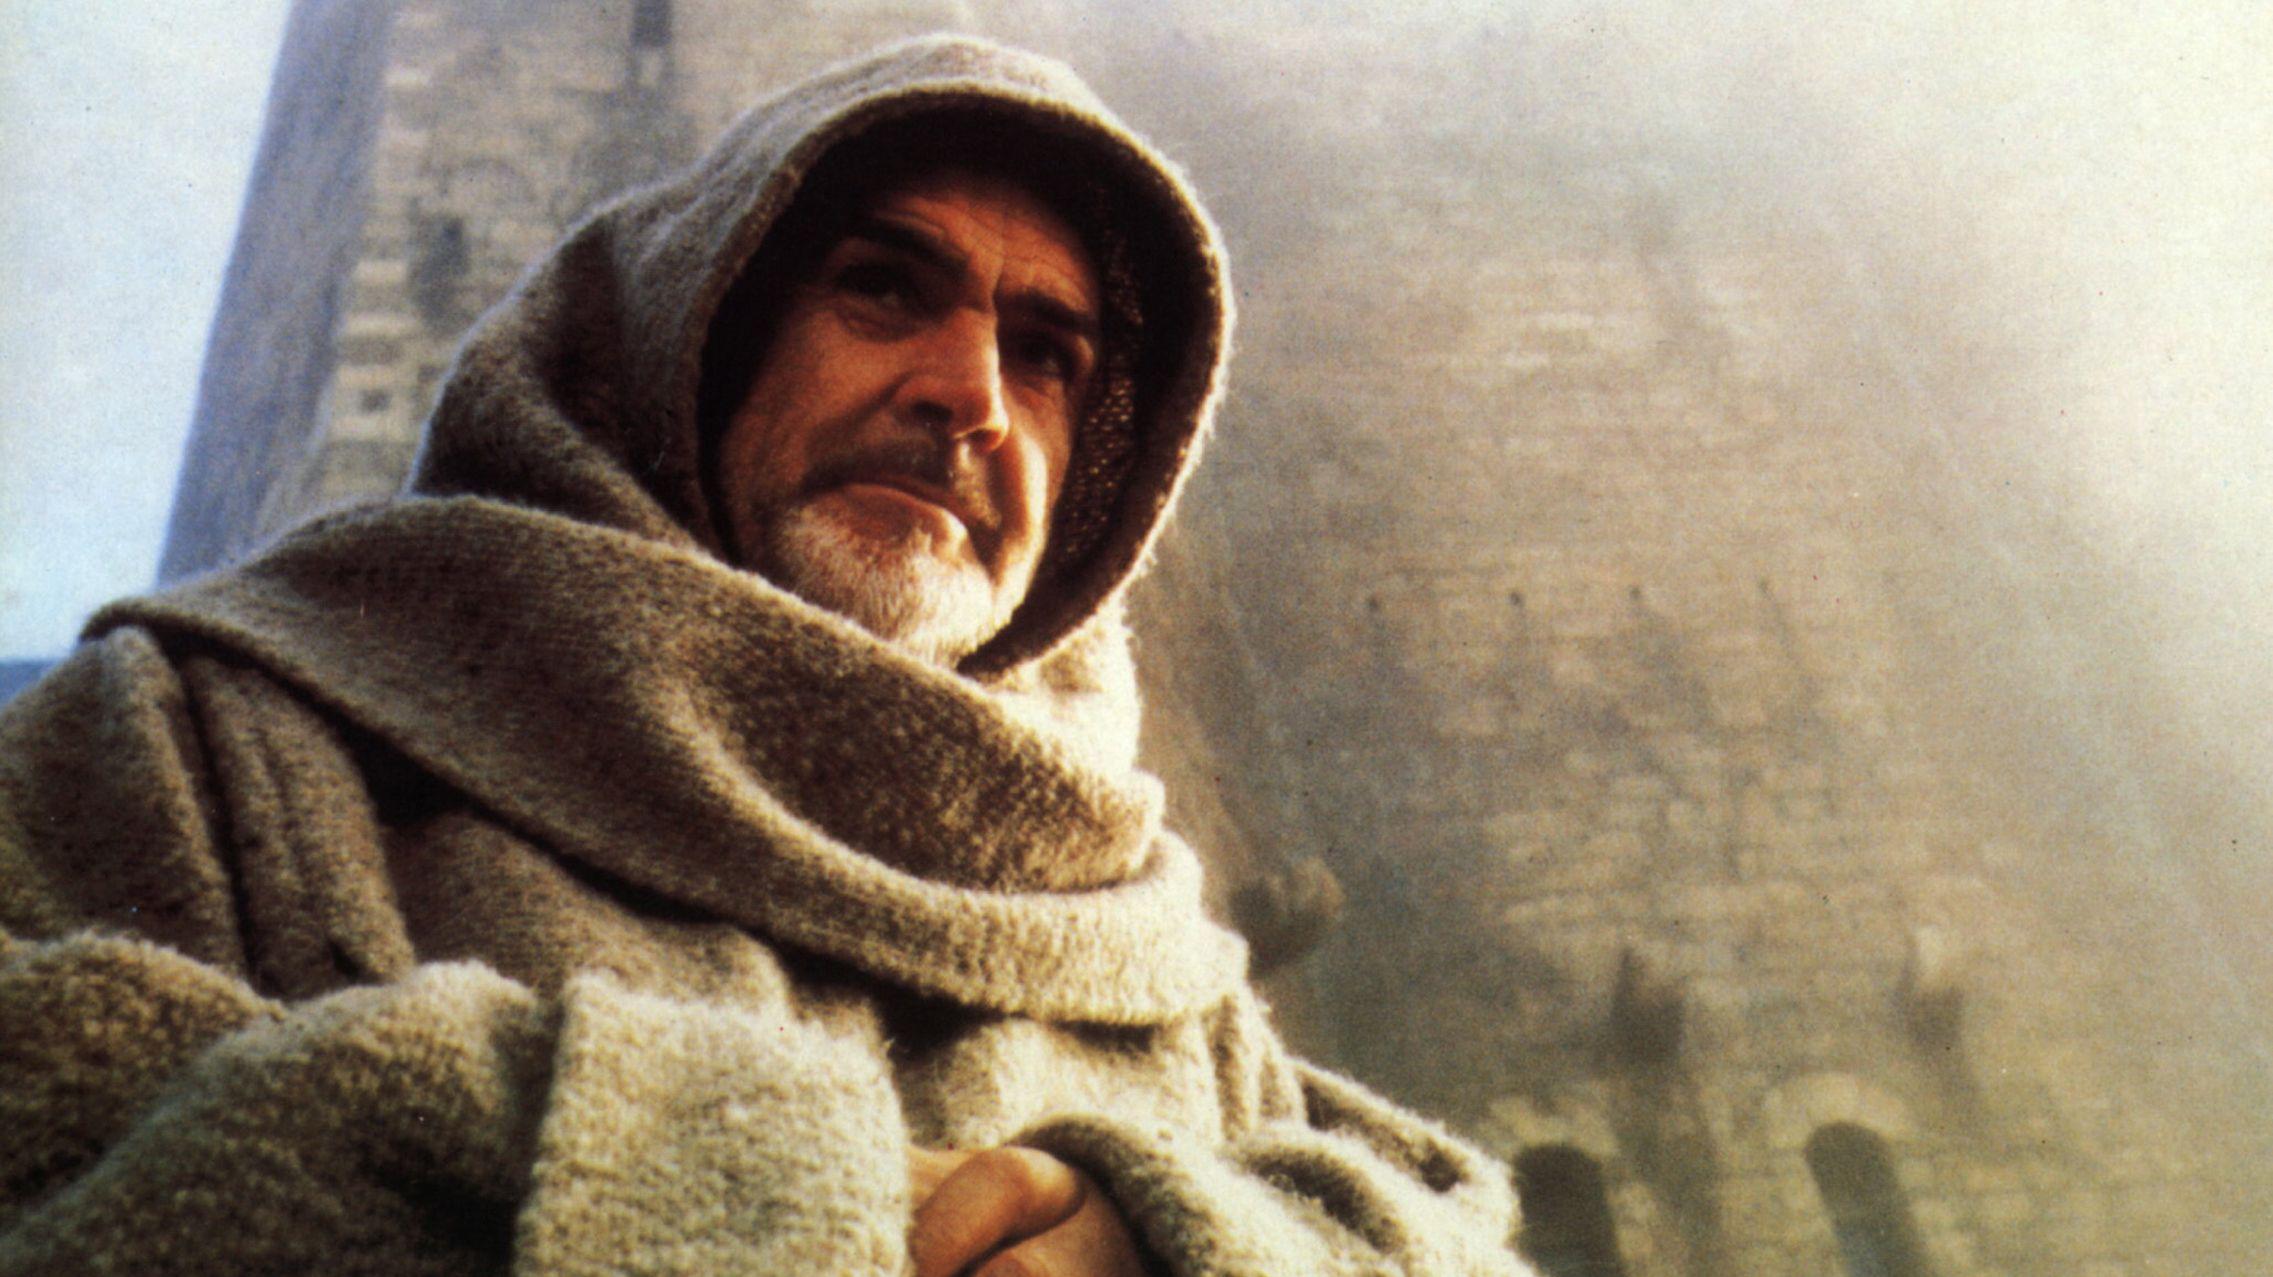 """Schauspieler Sean Connery steht in Mönchskutte und Kapuze vor einem monumentalen Burgbau (Filmbild aus """"Der Name der Rose"""", 1986)"""